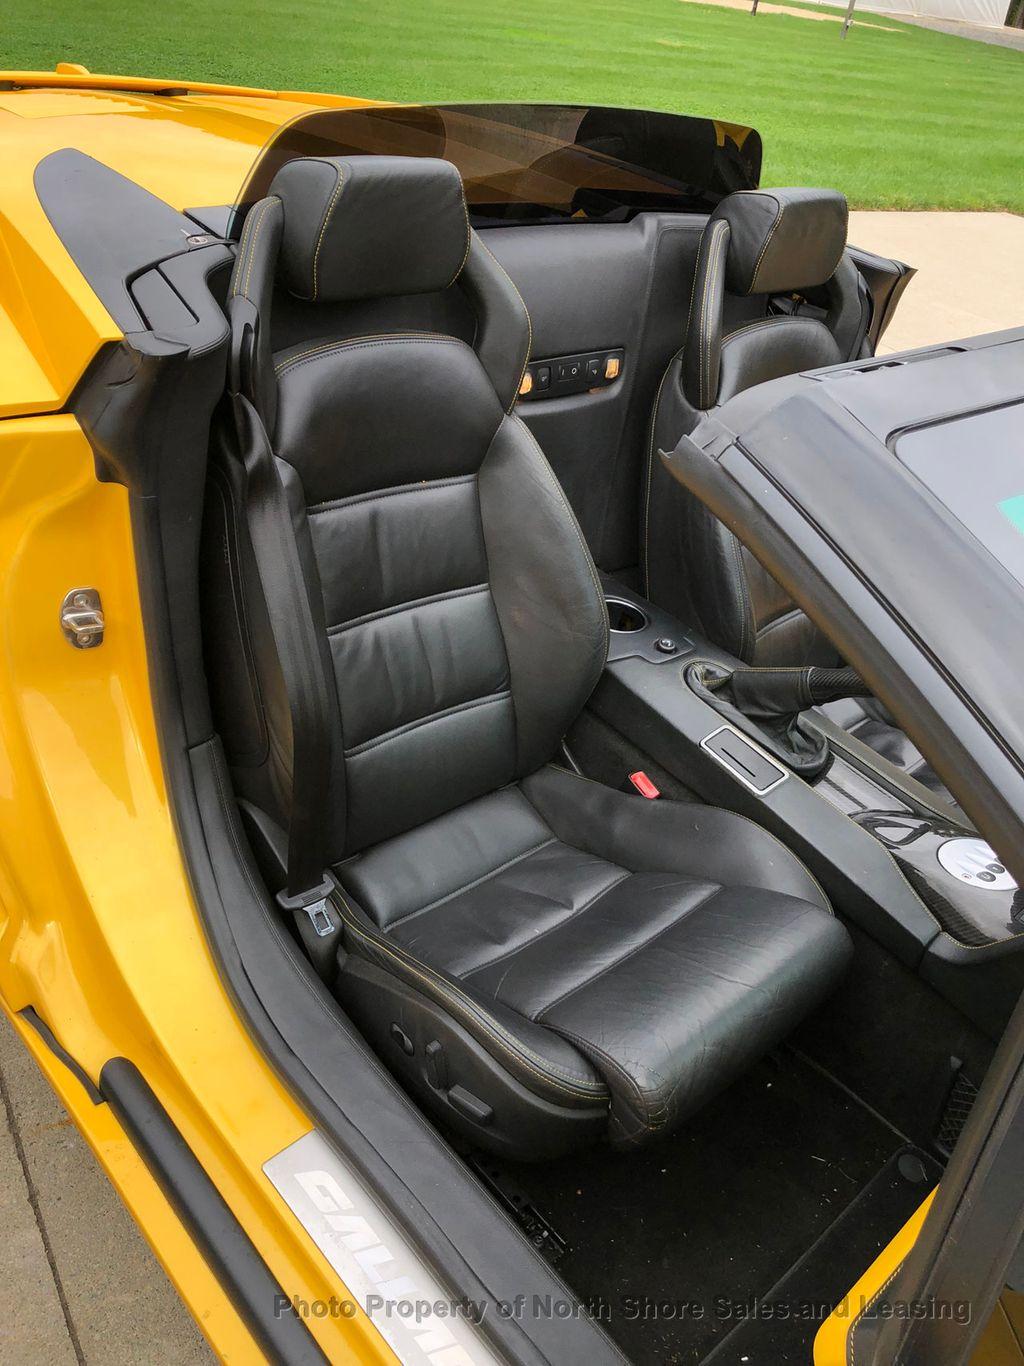 2006 Lamborghini Gallardo Spyder 520HP - 18187177 - 20